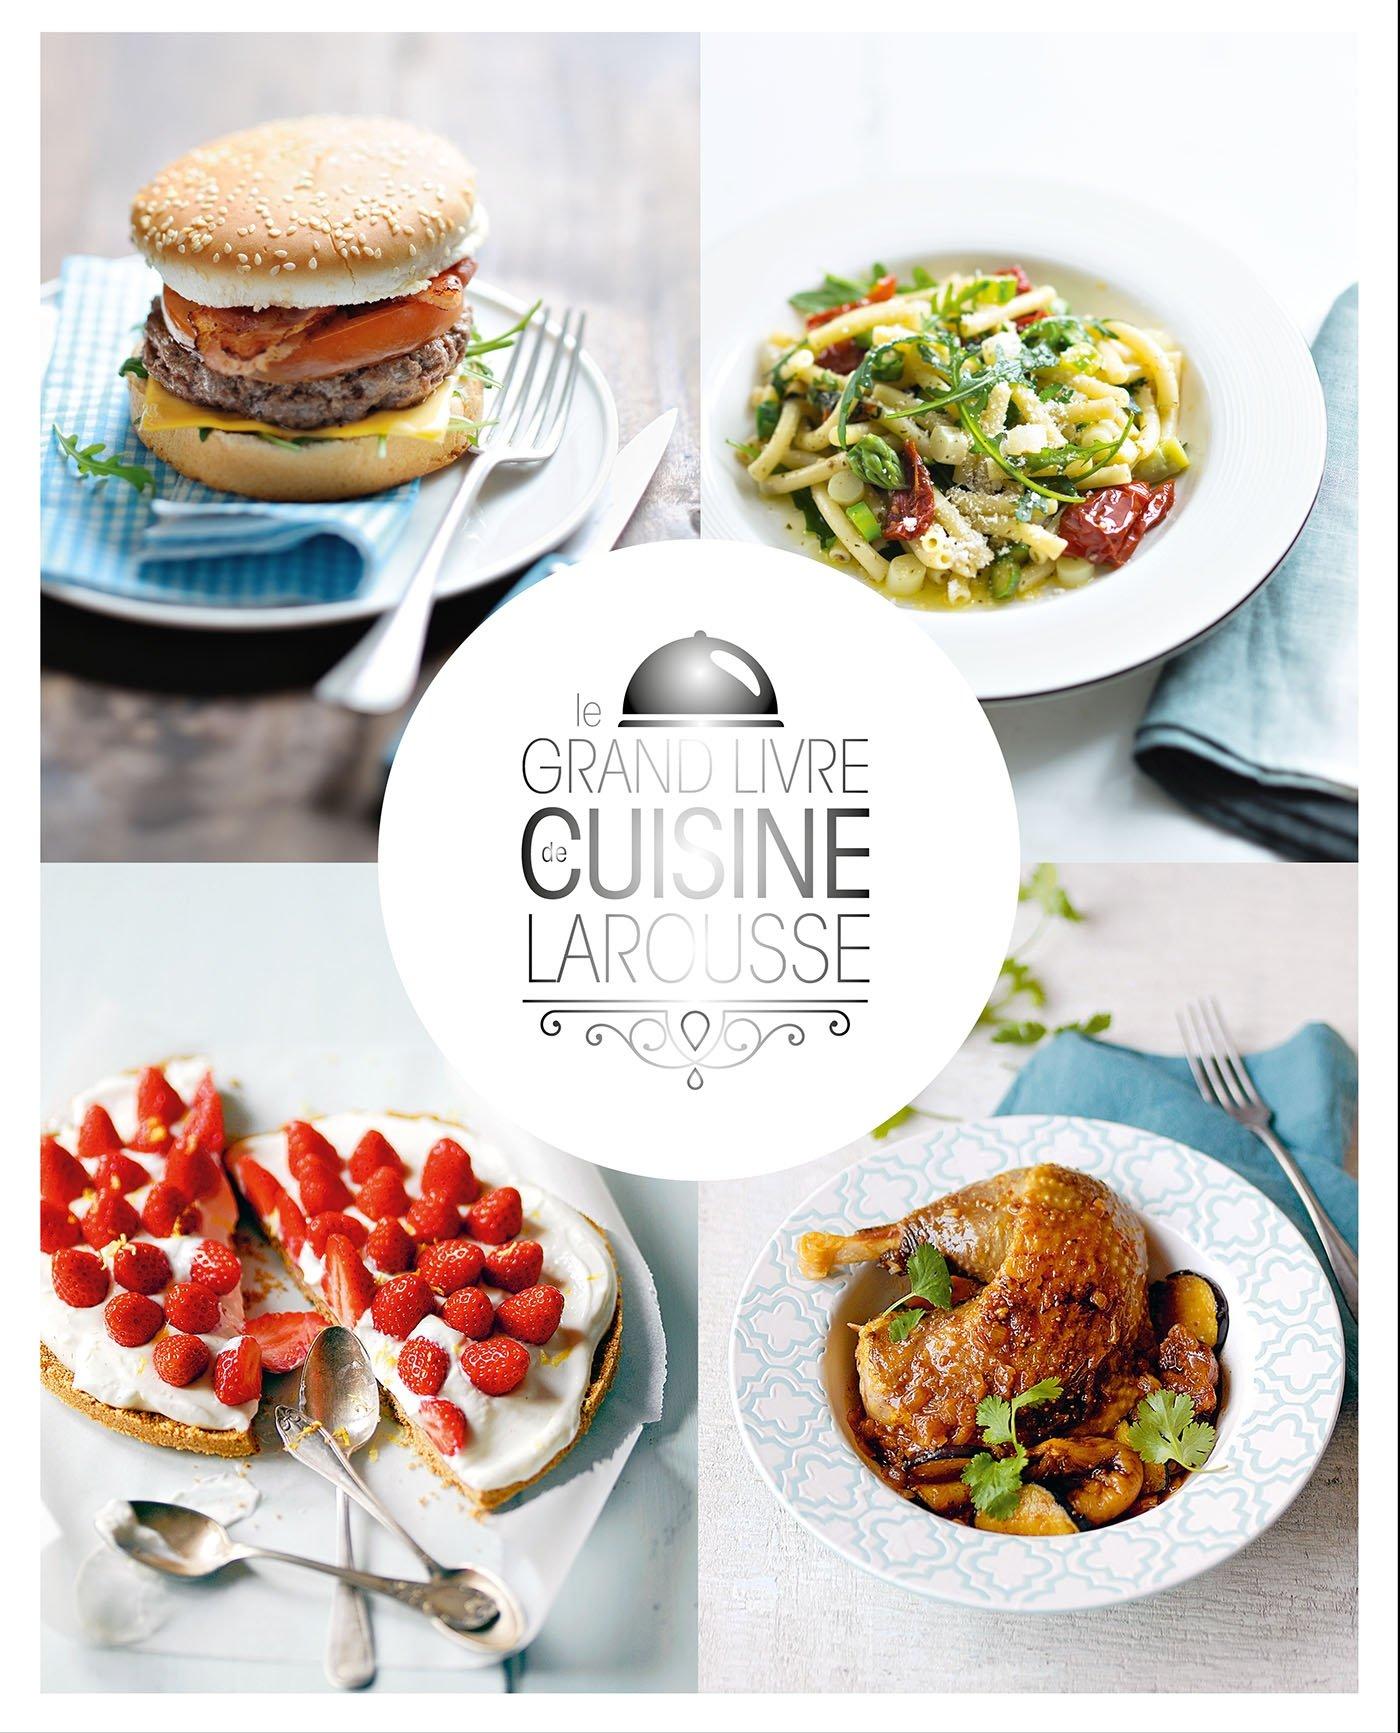 Le Grand Livre De Cuisine Larousse French Edition